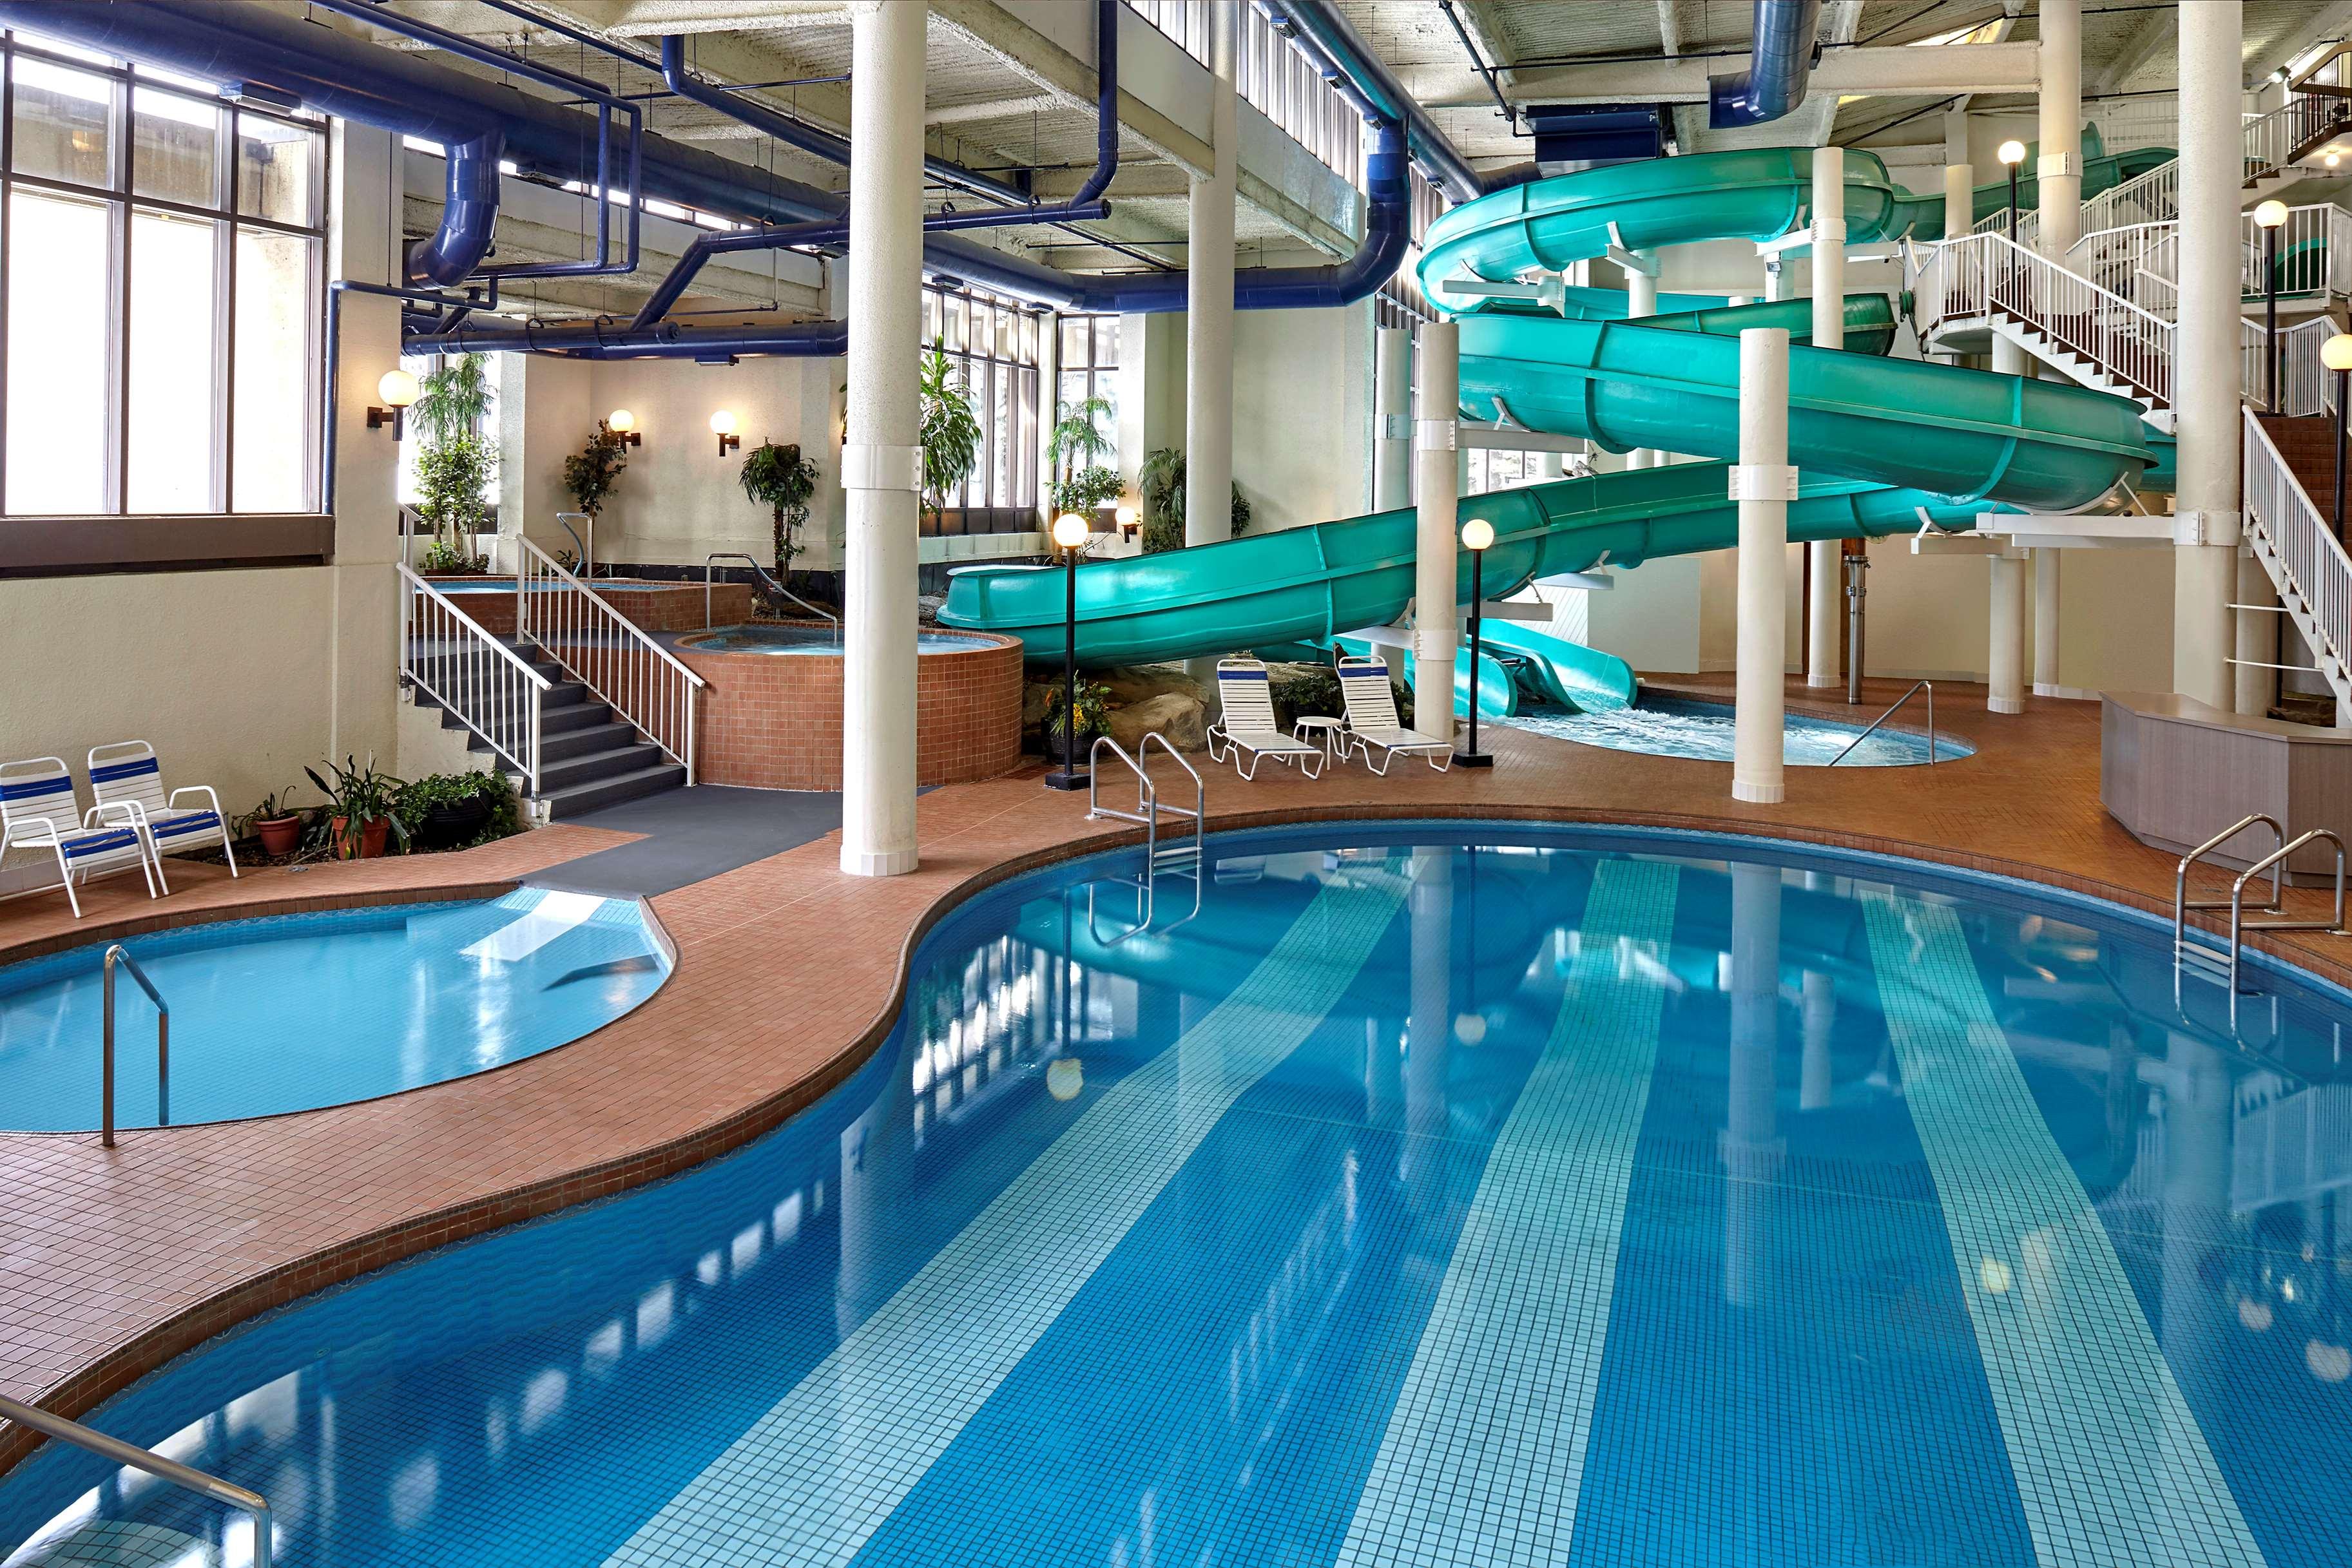 Sheraton Cavalier Calgary Hotel in Calgary: Oasis Water Park - Sheraton Cavalier Calgary Hotel